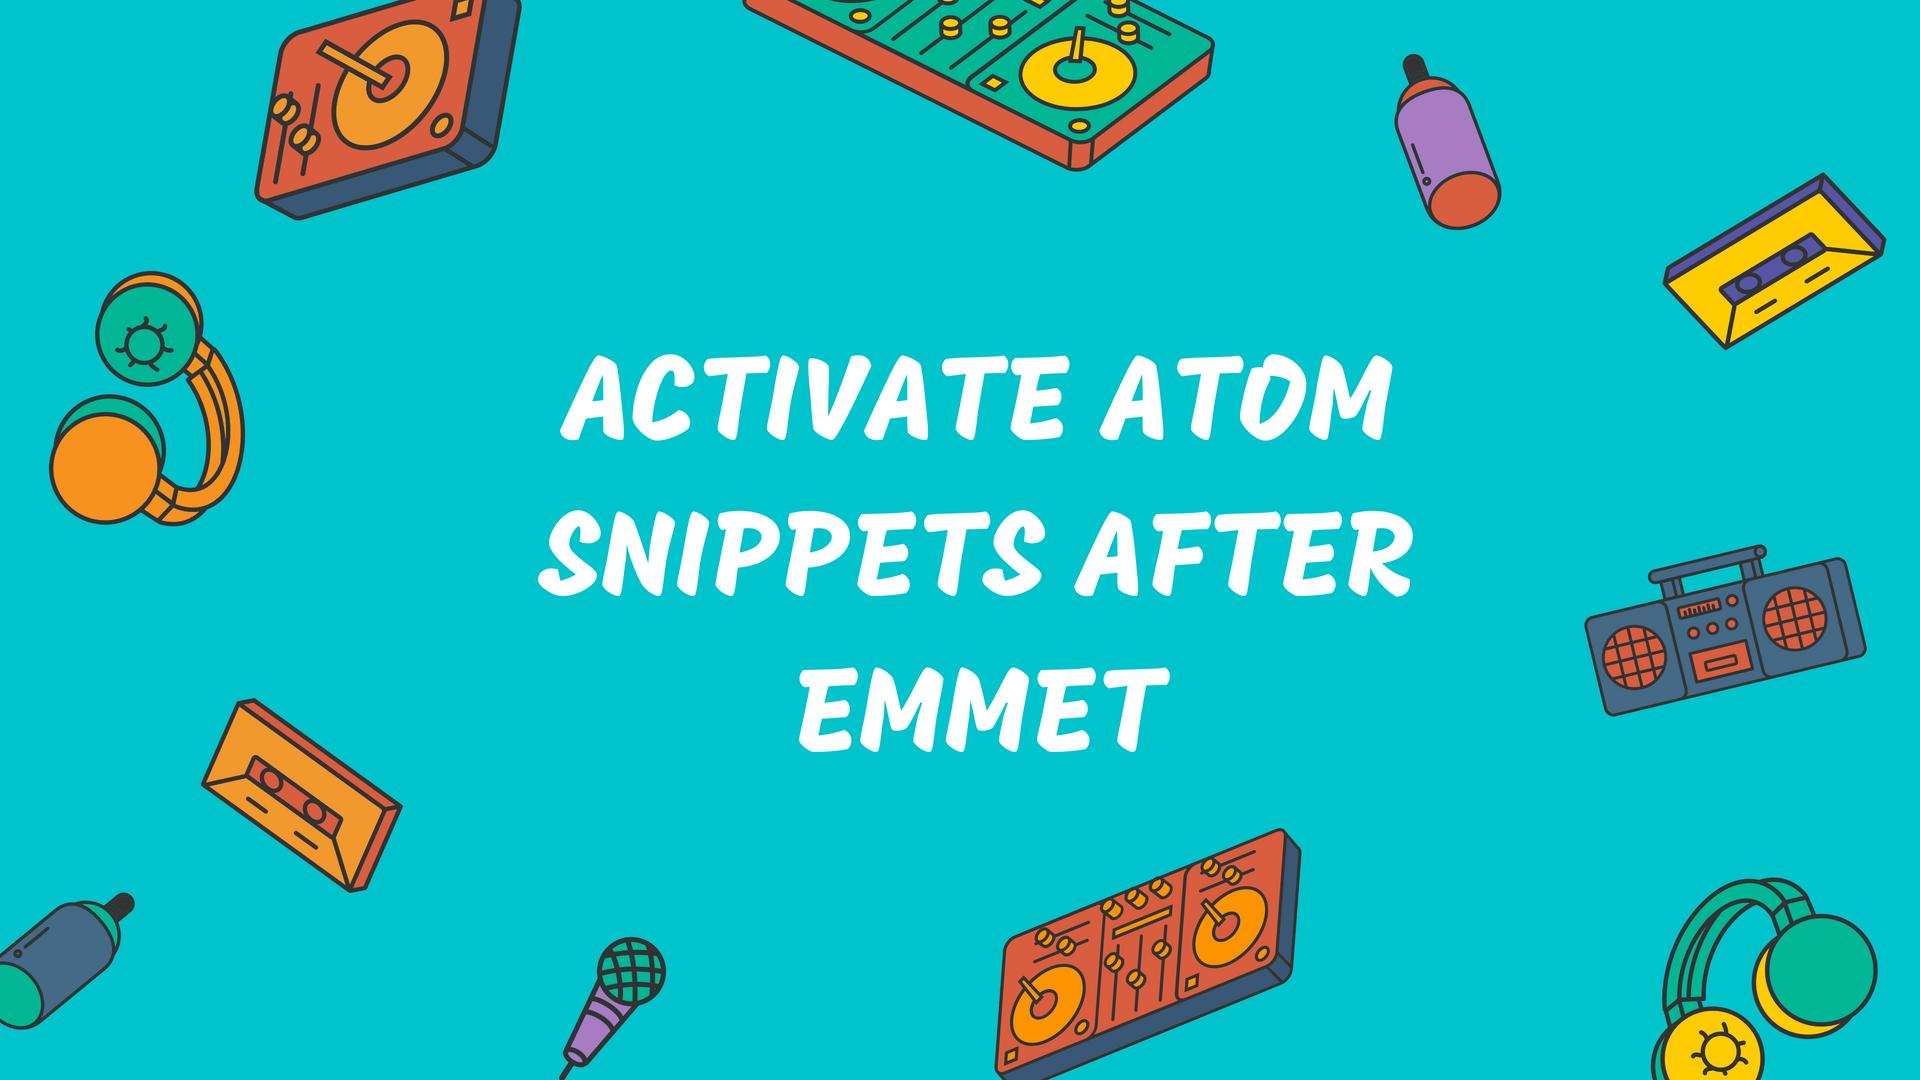 activate atom snippets after emmet2